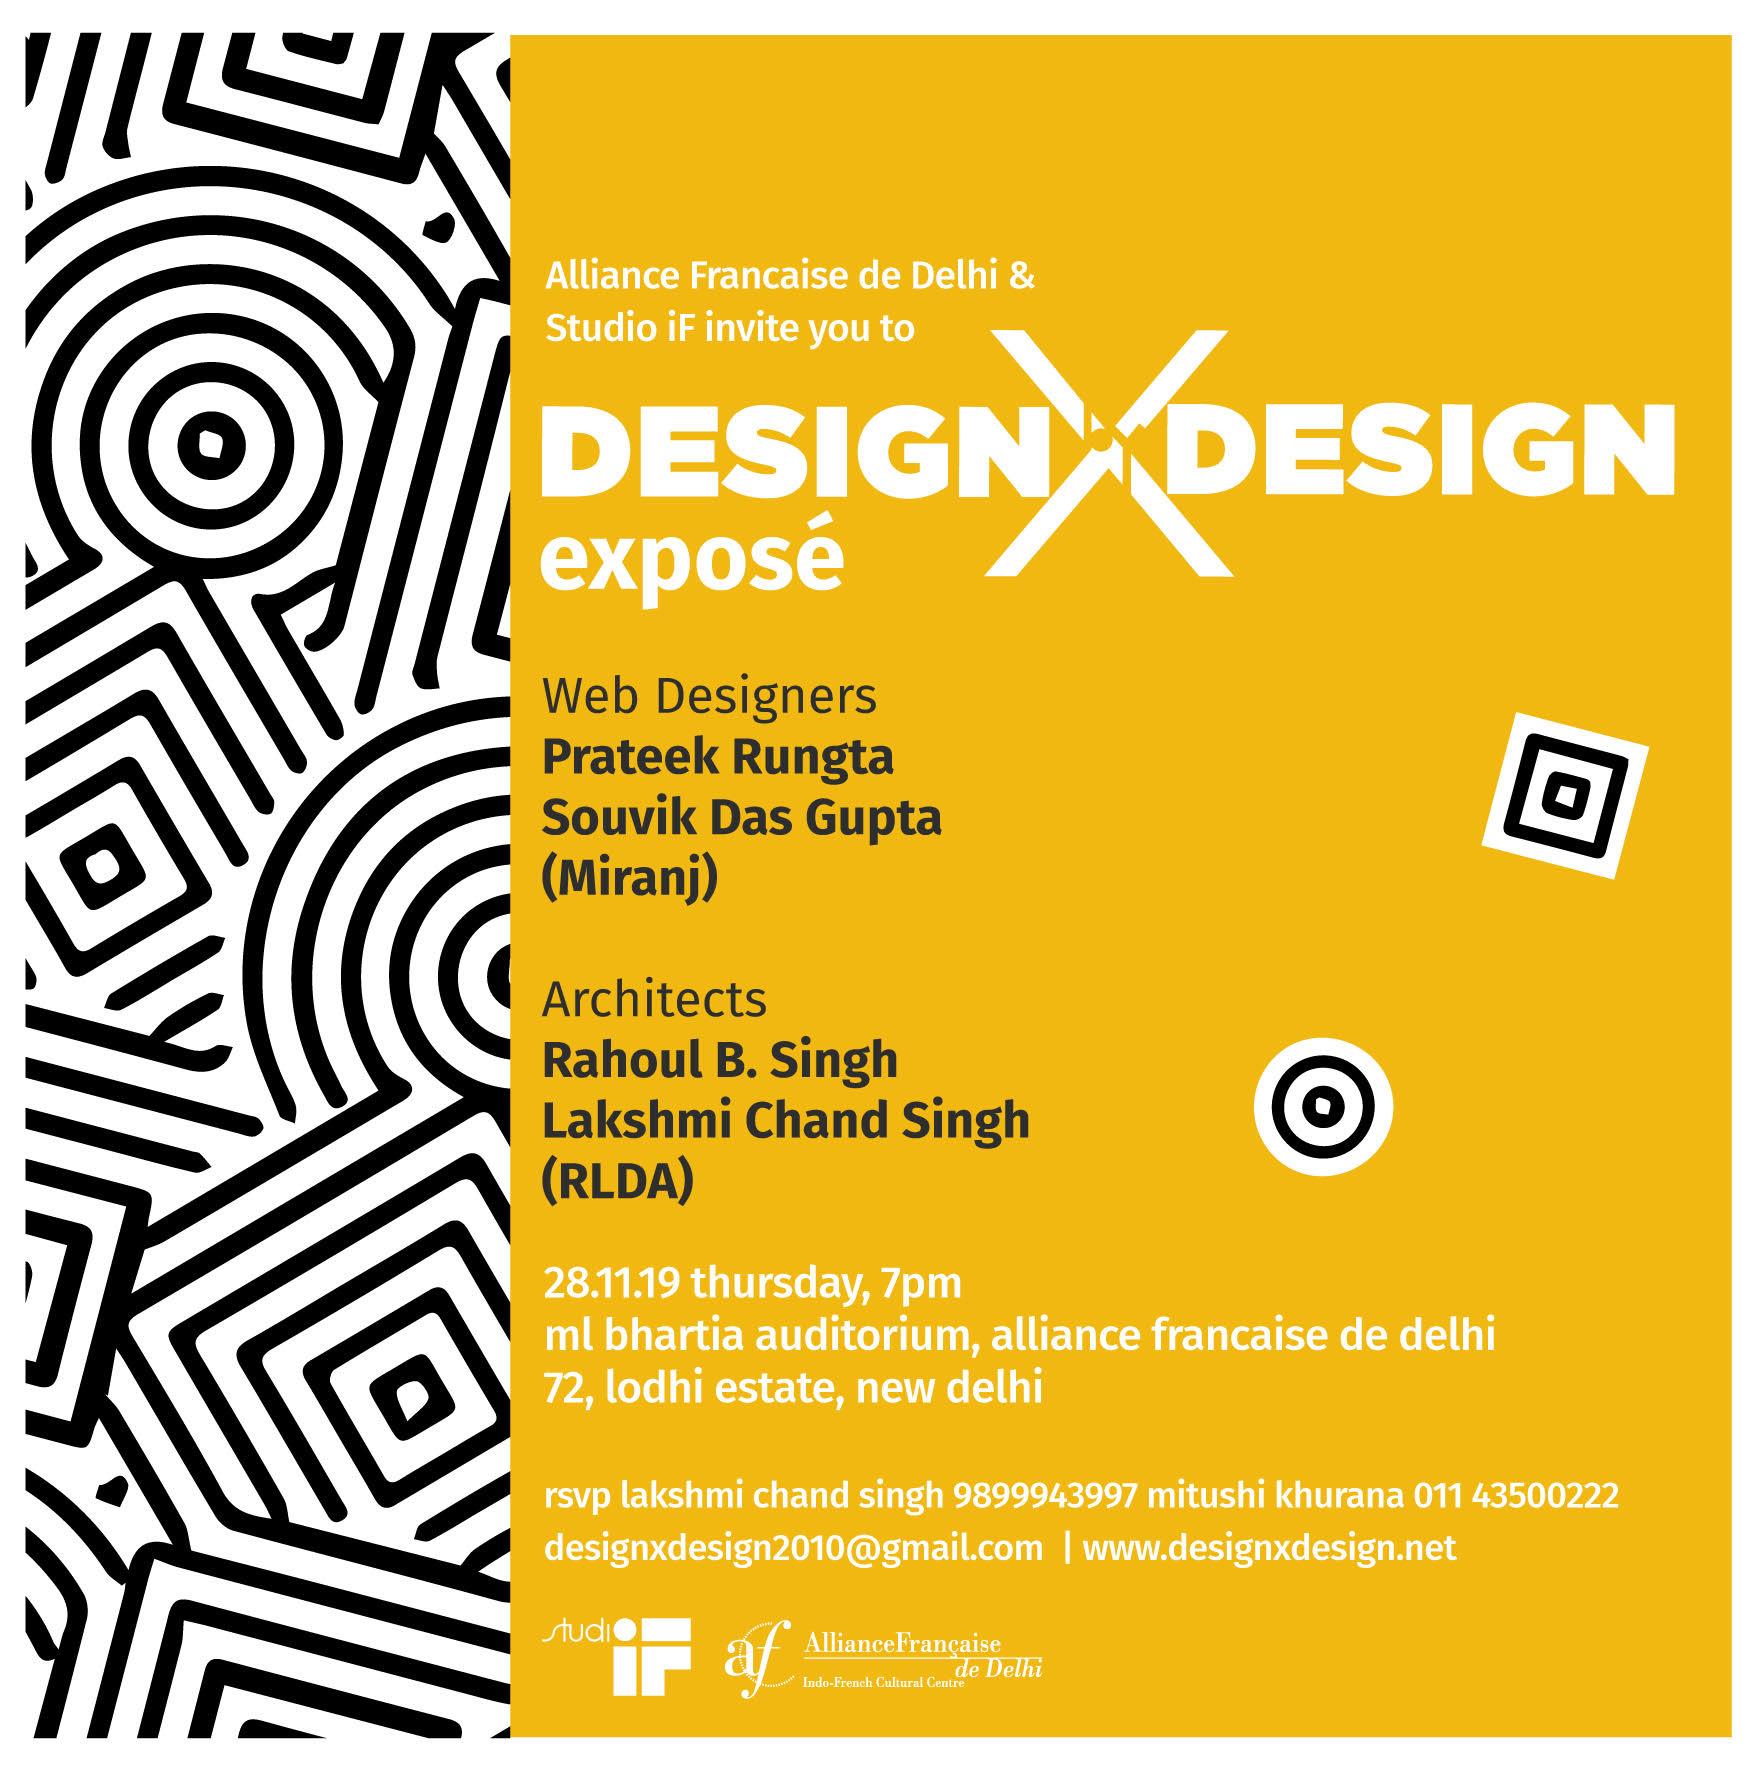 DesignxDesign Exposé 41 Poster